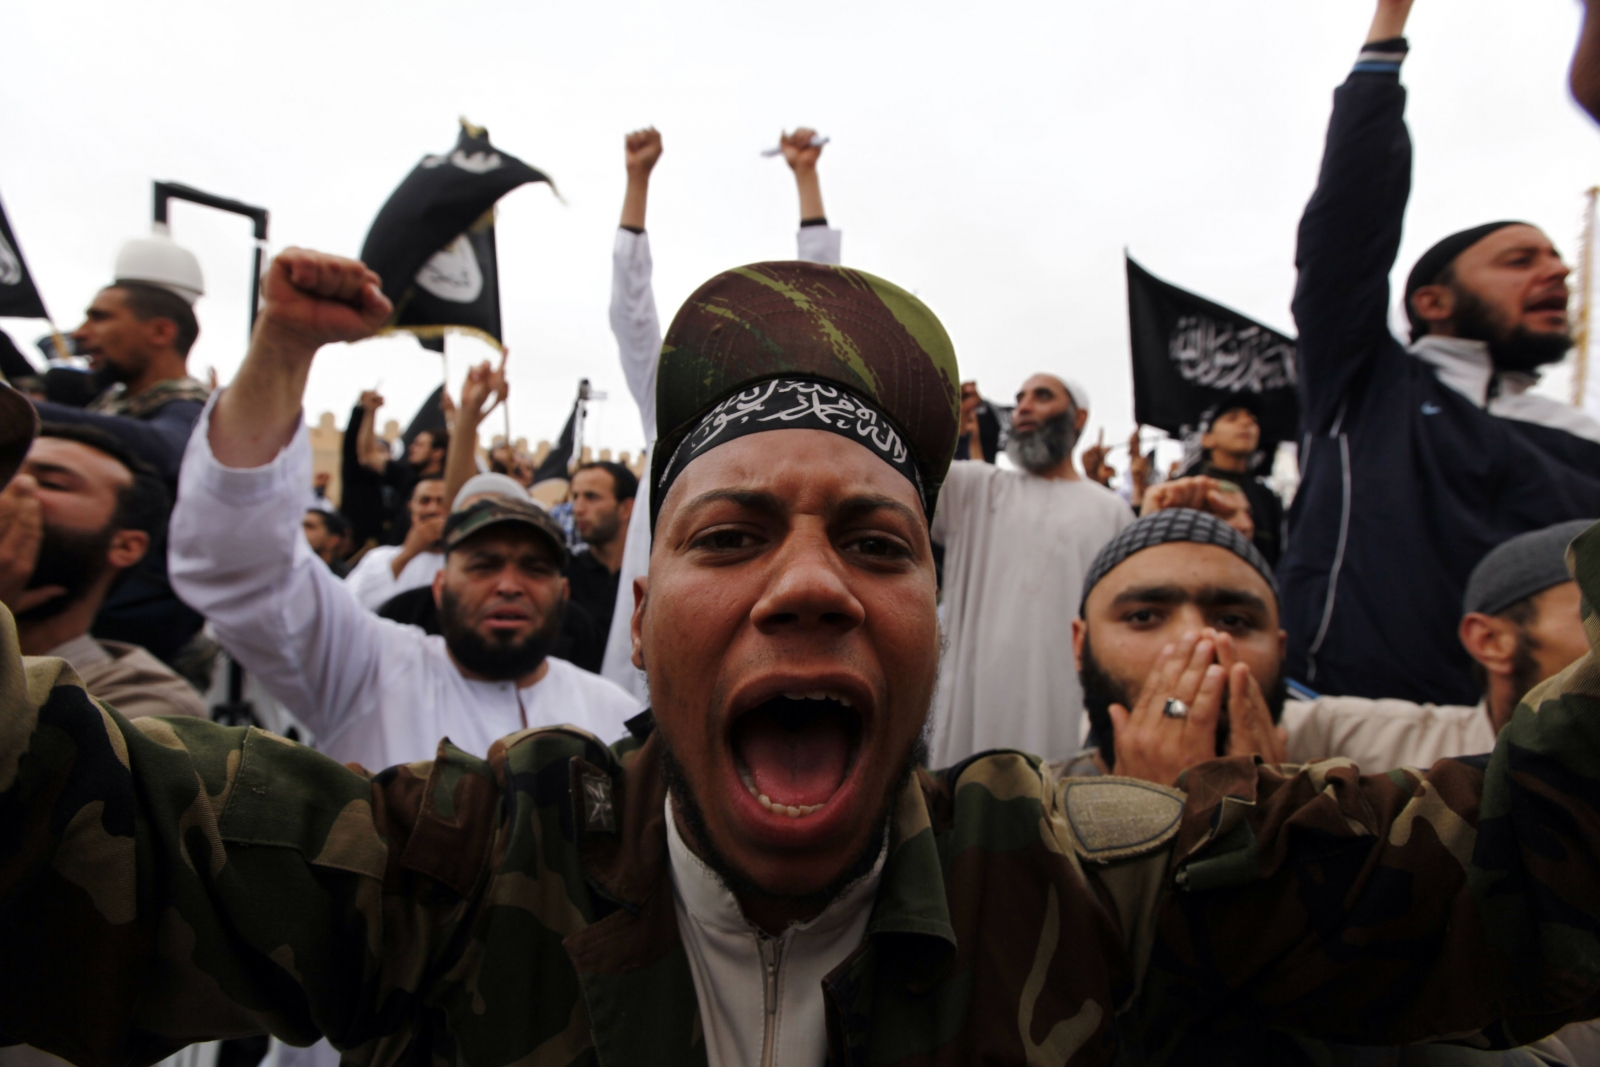 Ansar al-Sharia rally